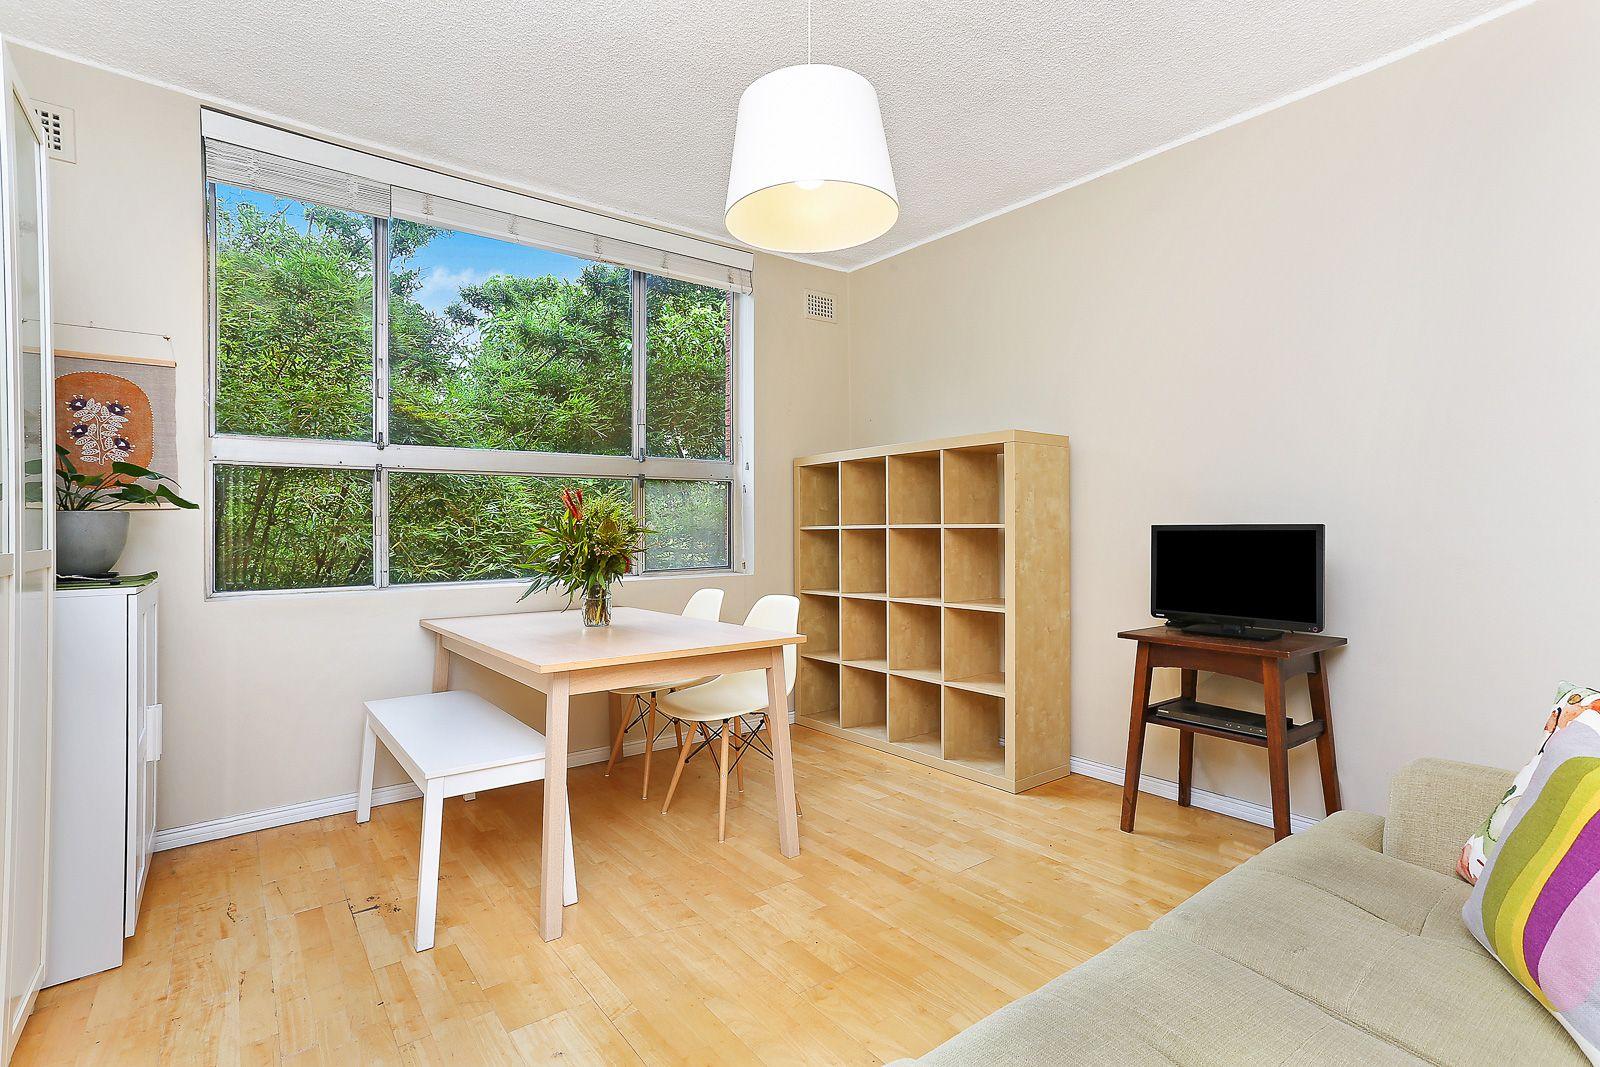 13/68 Illawarra Road, Marrickville NSW 2204, Image 0